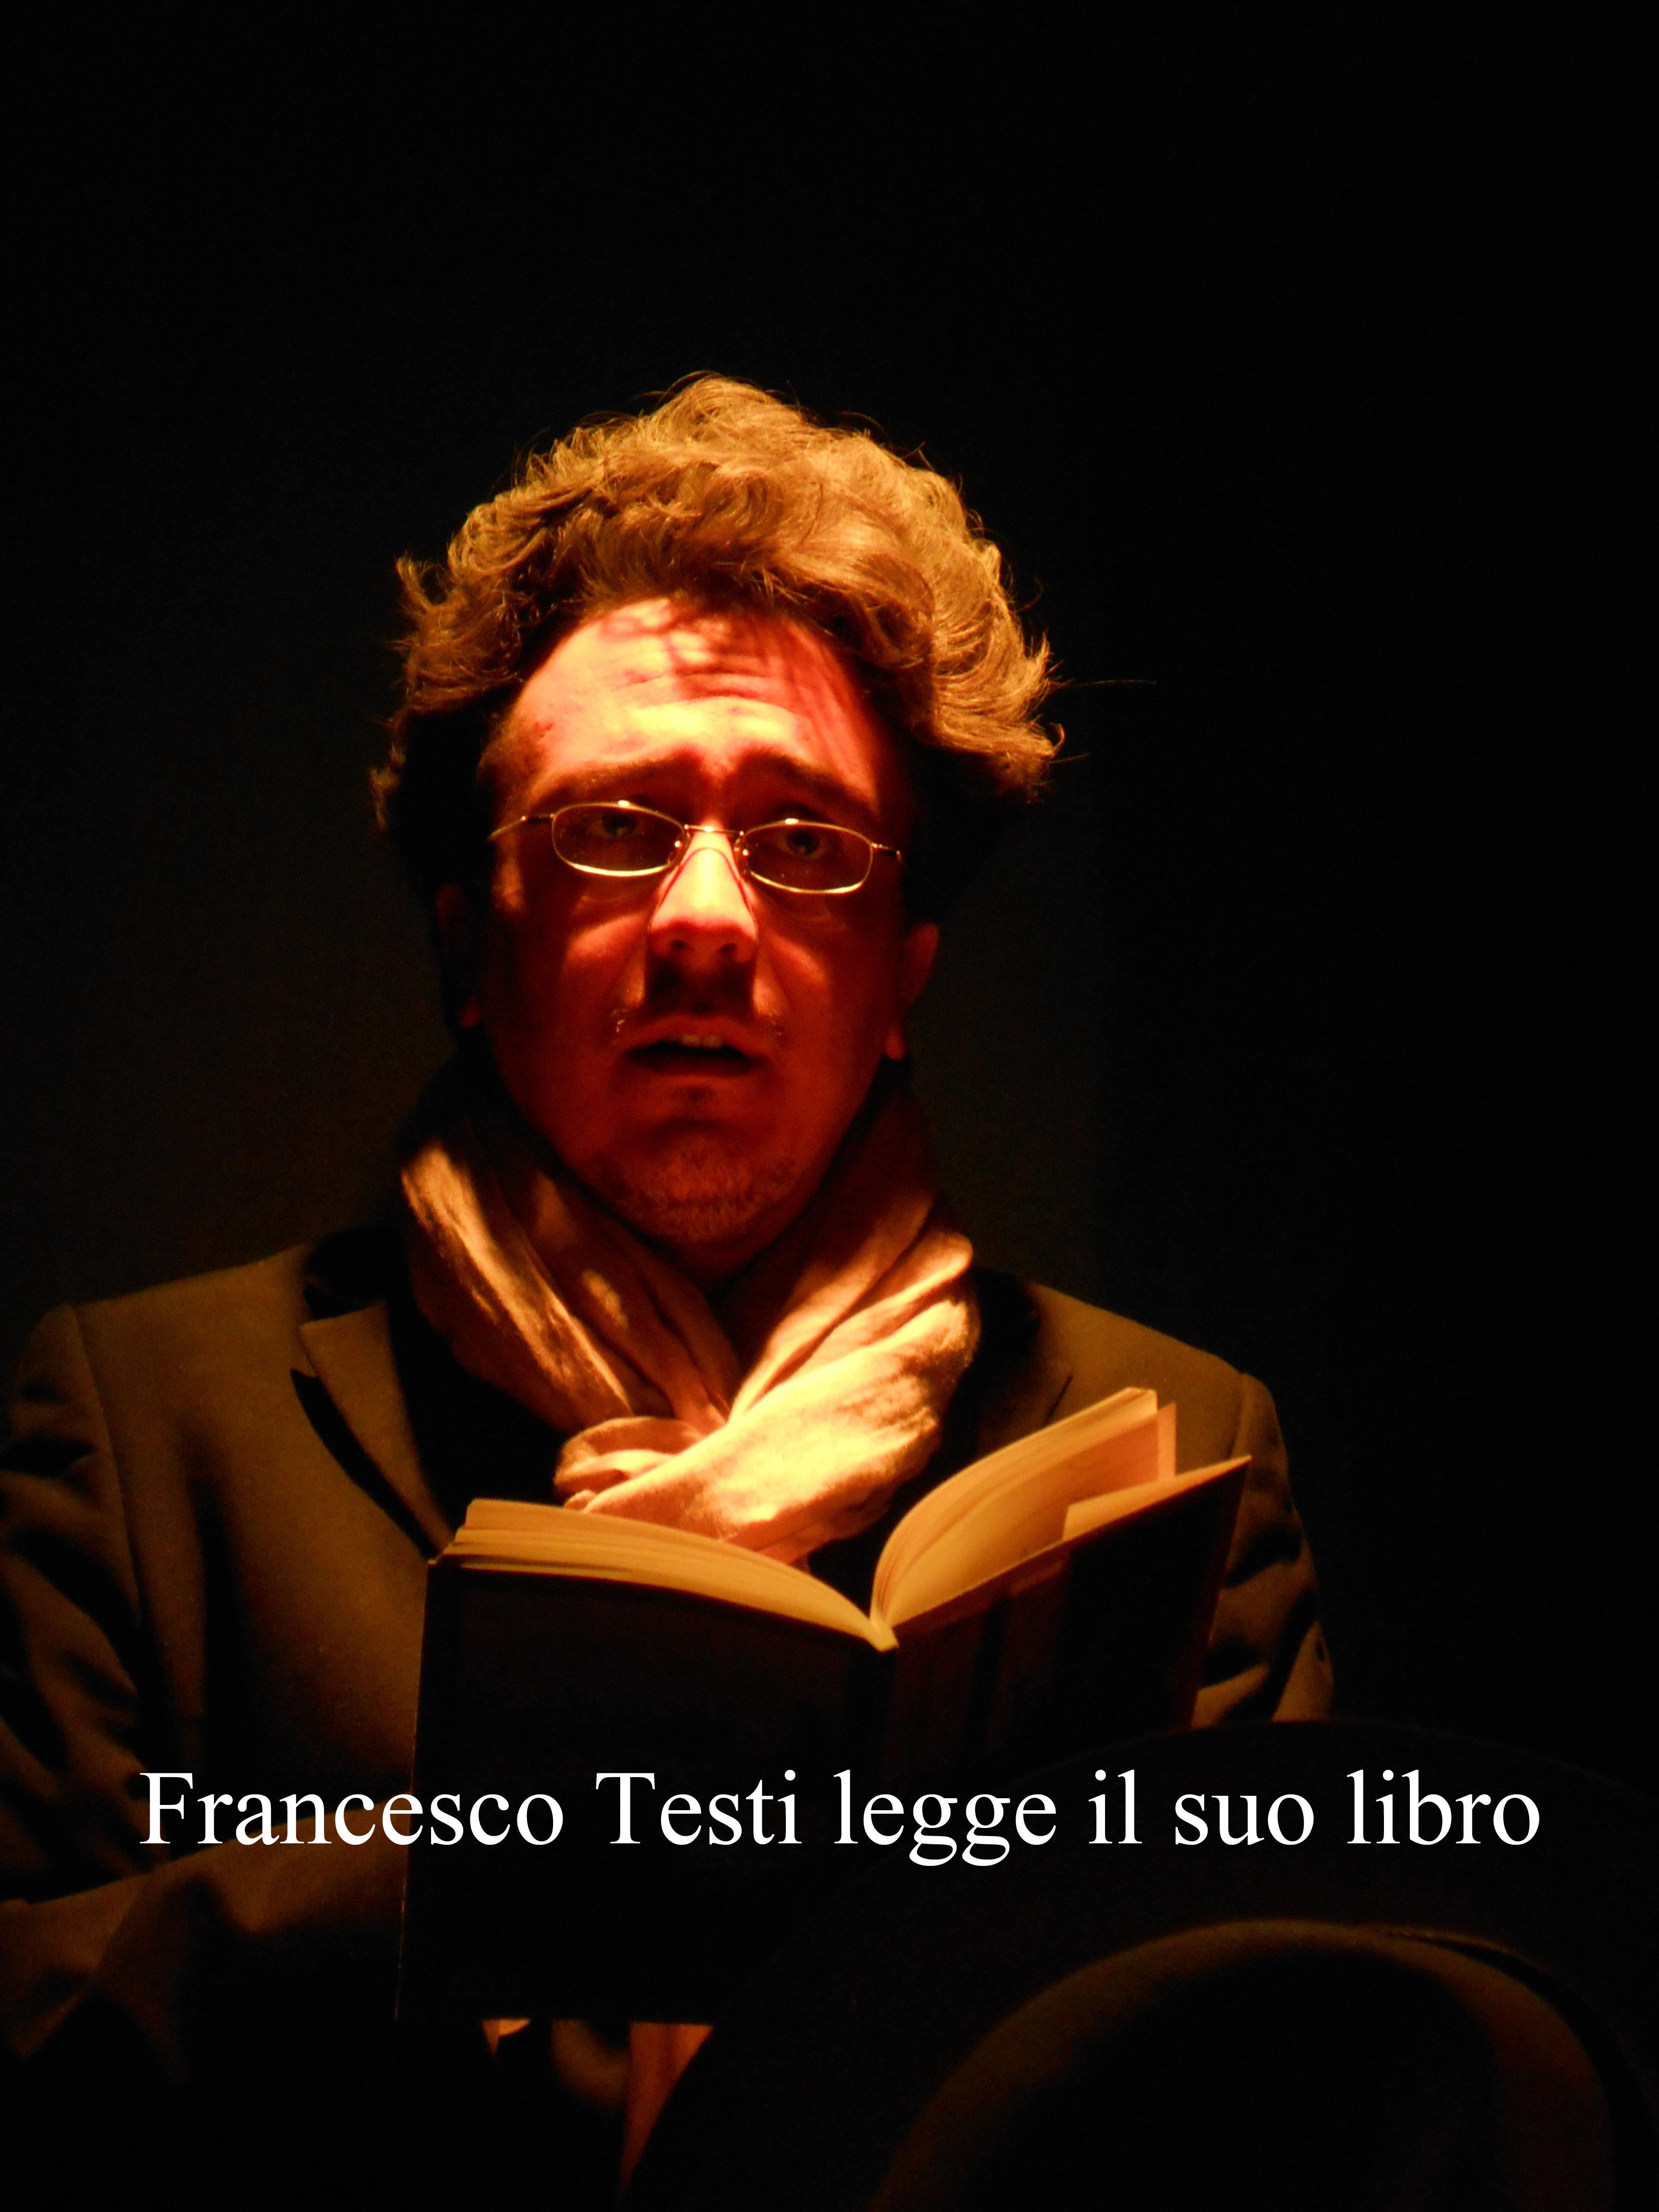 francesco-testi-legge-il-su